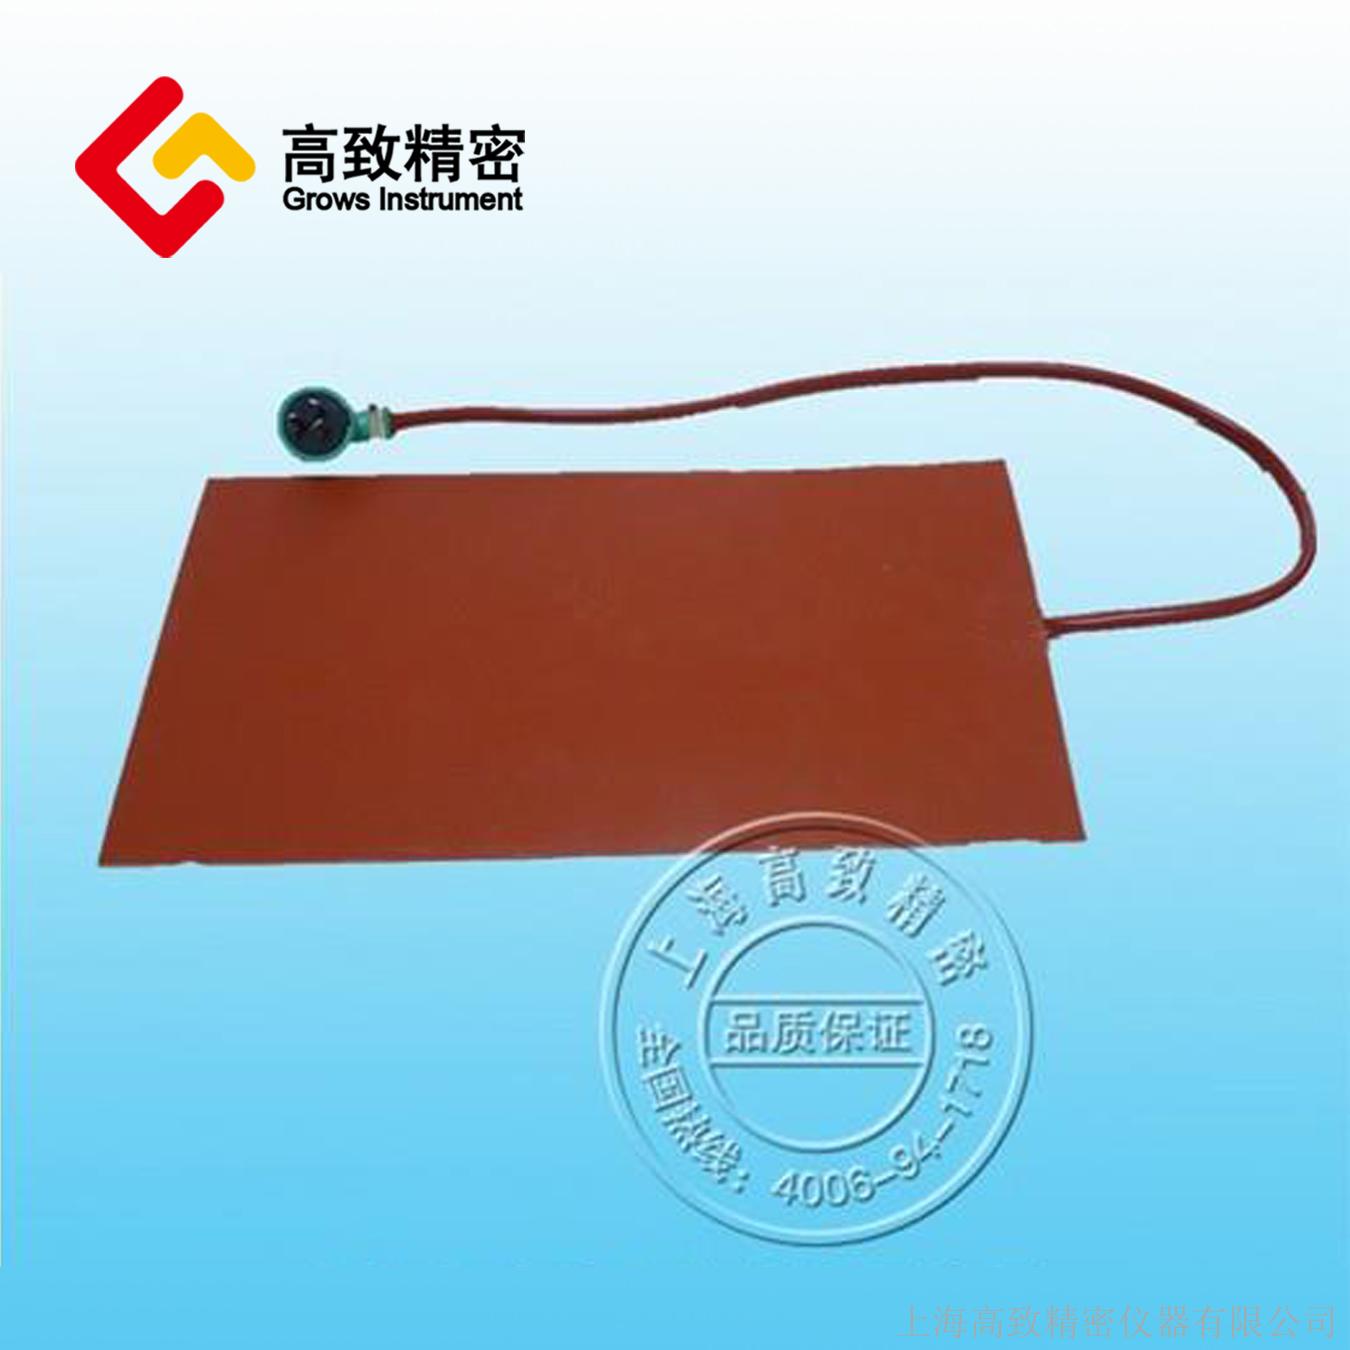 特殊定制電熱板